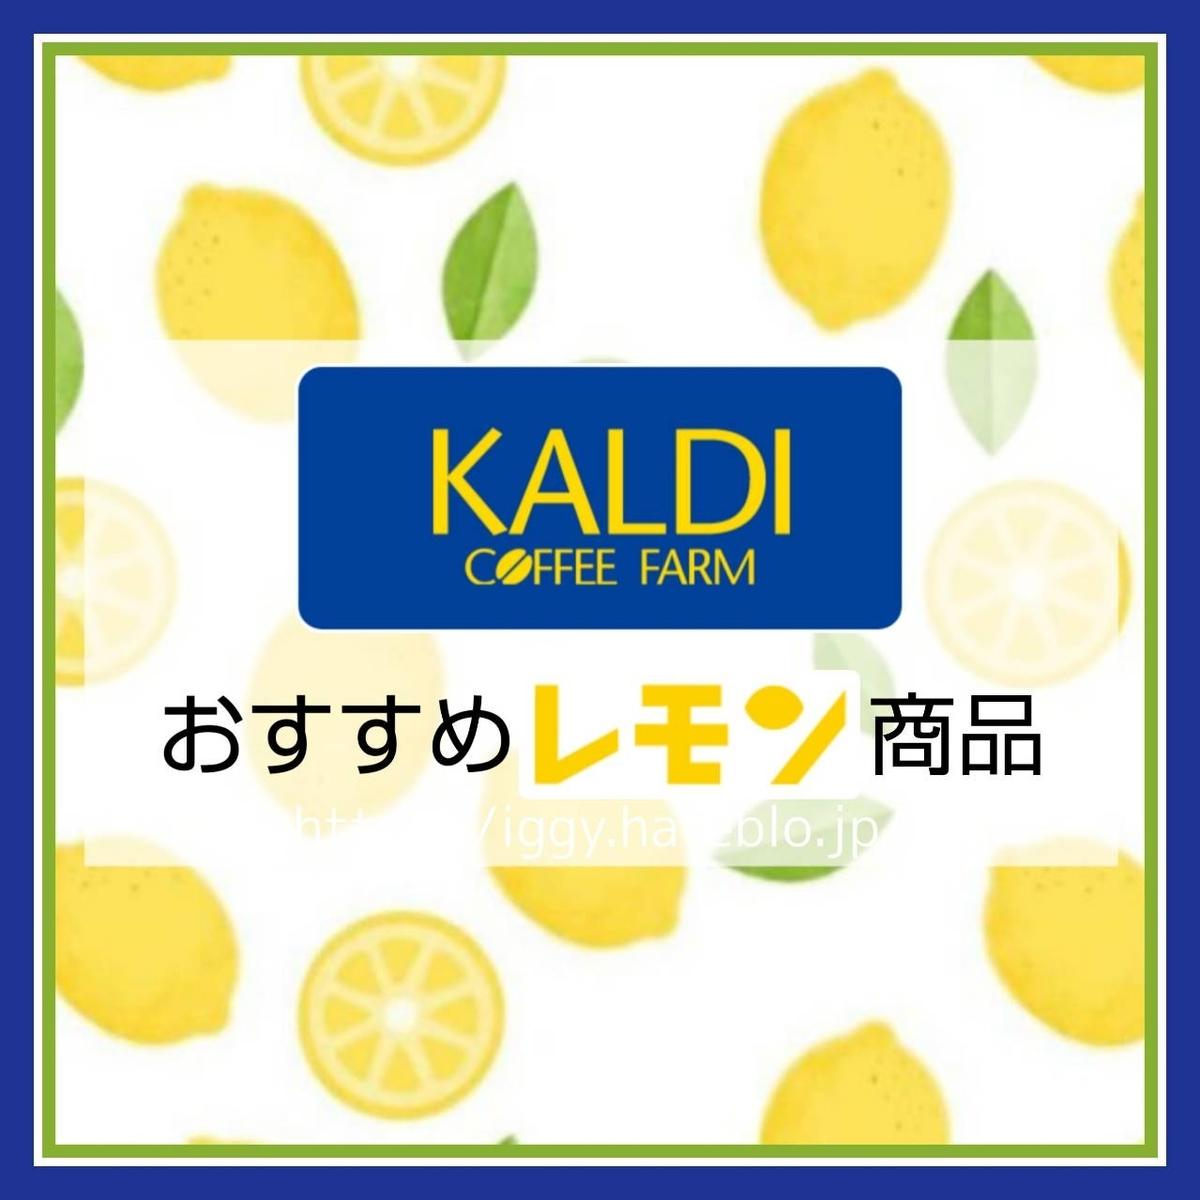 カルディ おすすめ 人気レモン商品 感想 口コミ レビュー